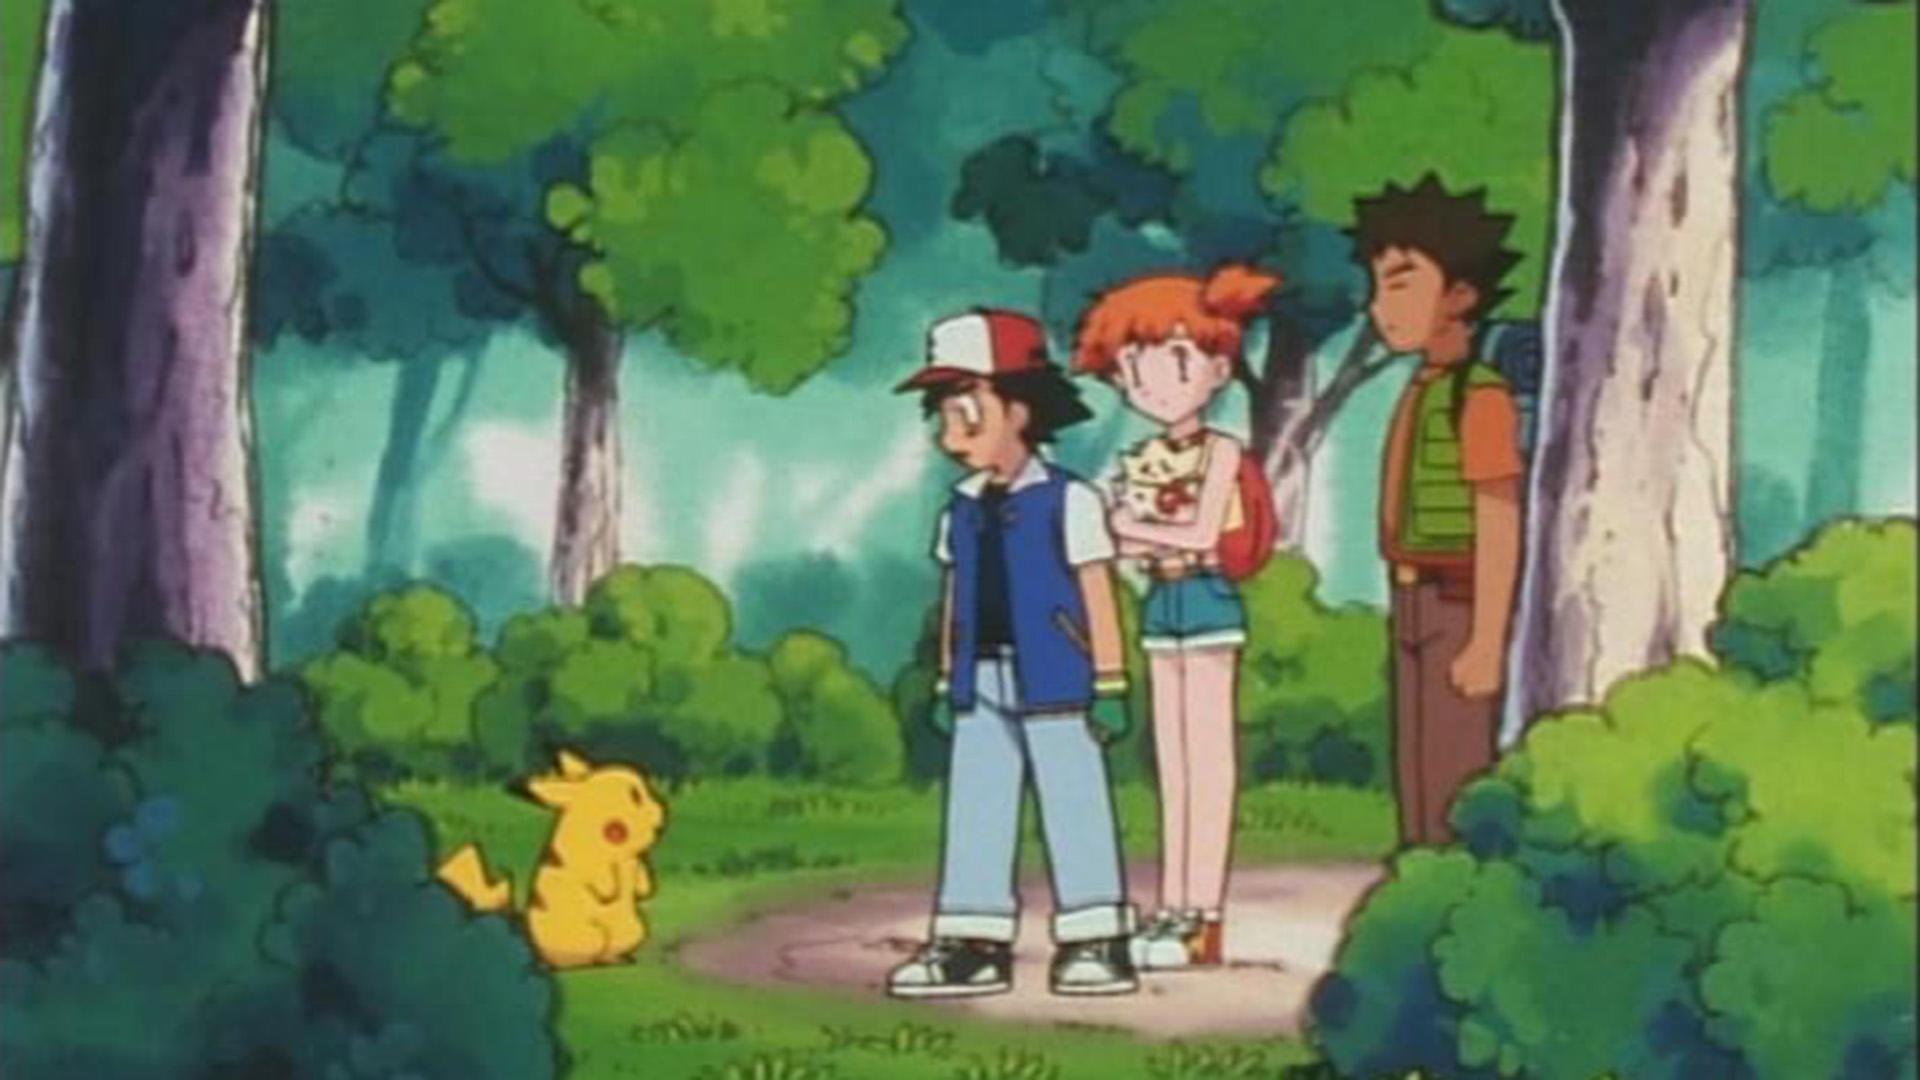 Folge 152 vom 29.06.2020 | Pokémon: Die Johto Reisen / 3 | Staffel 3